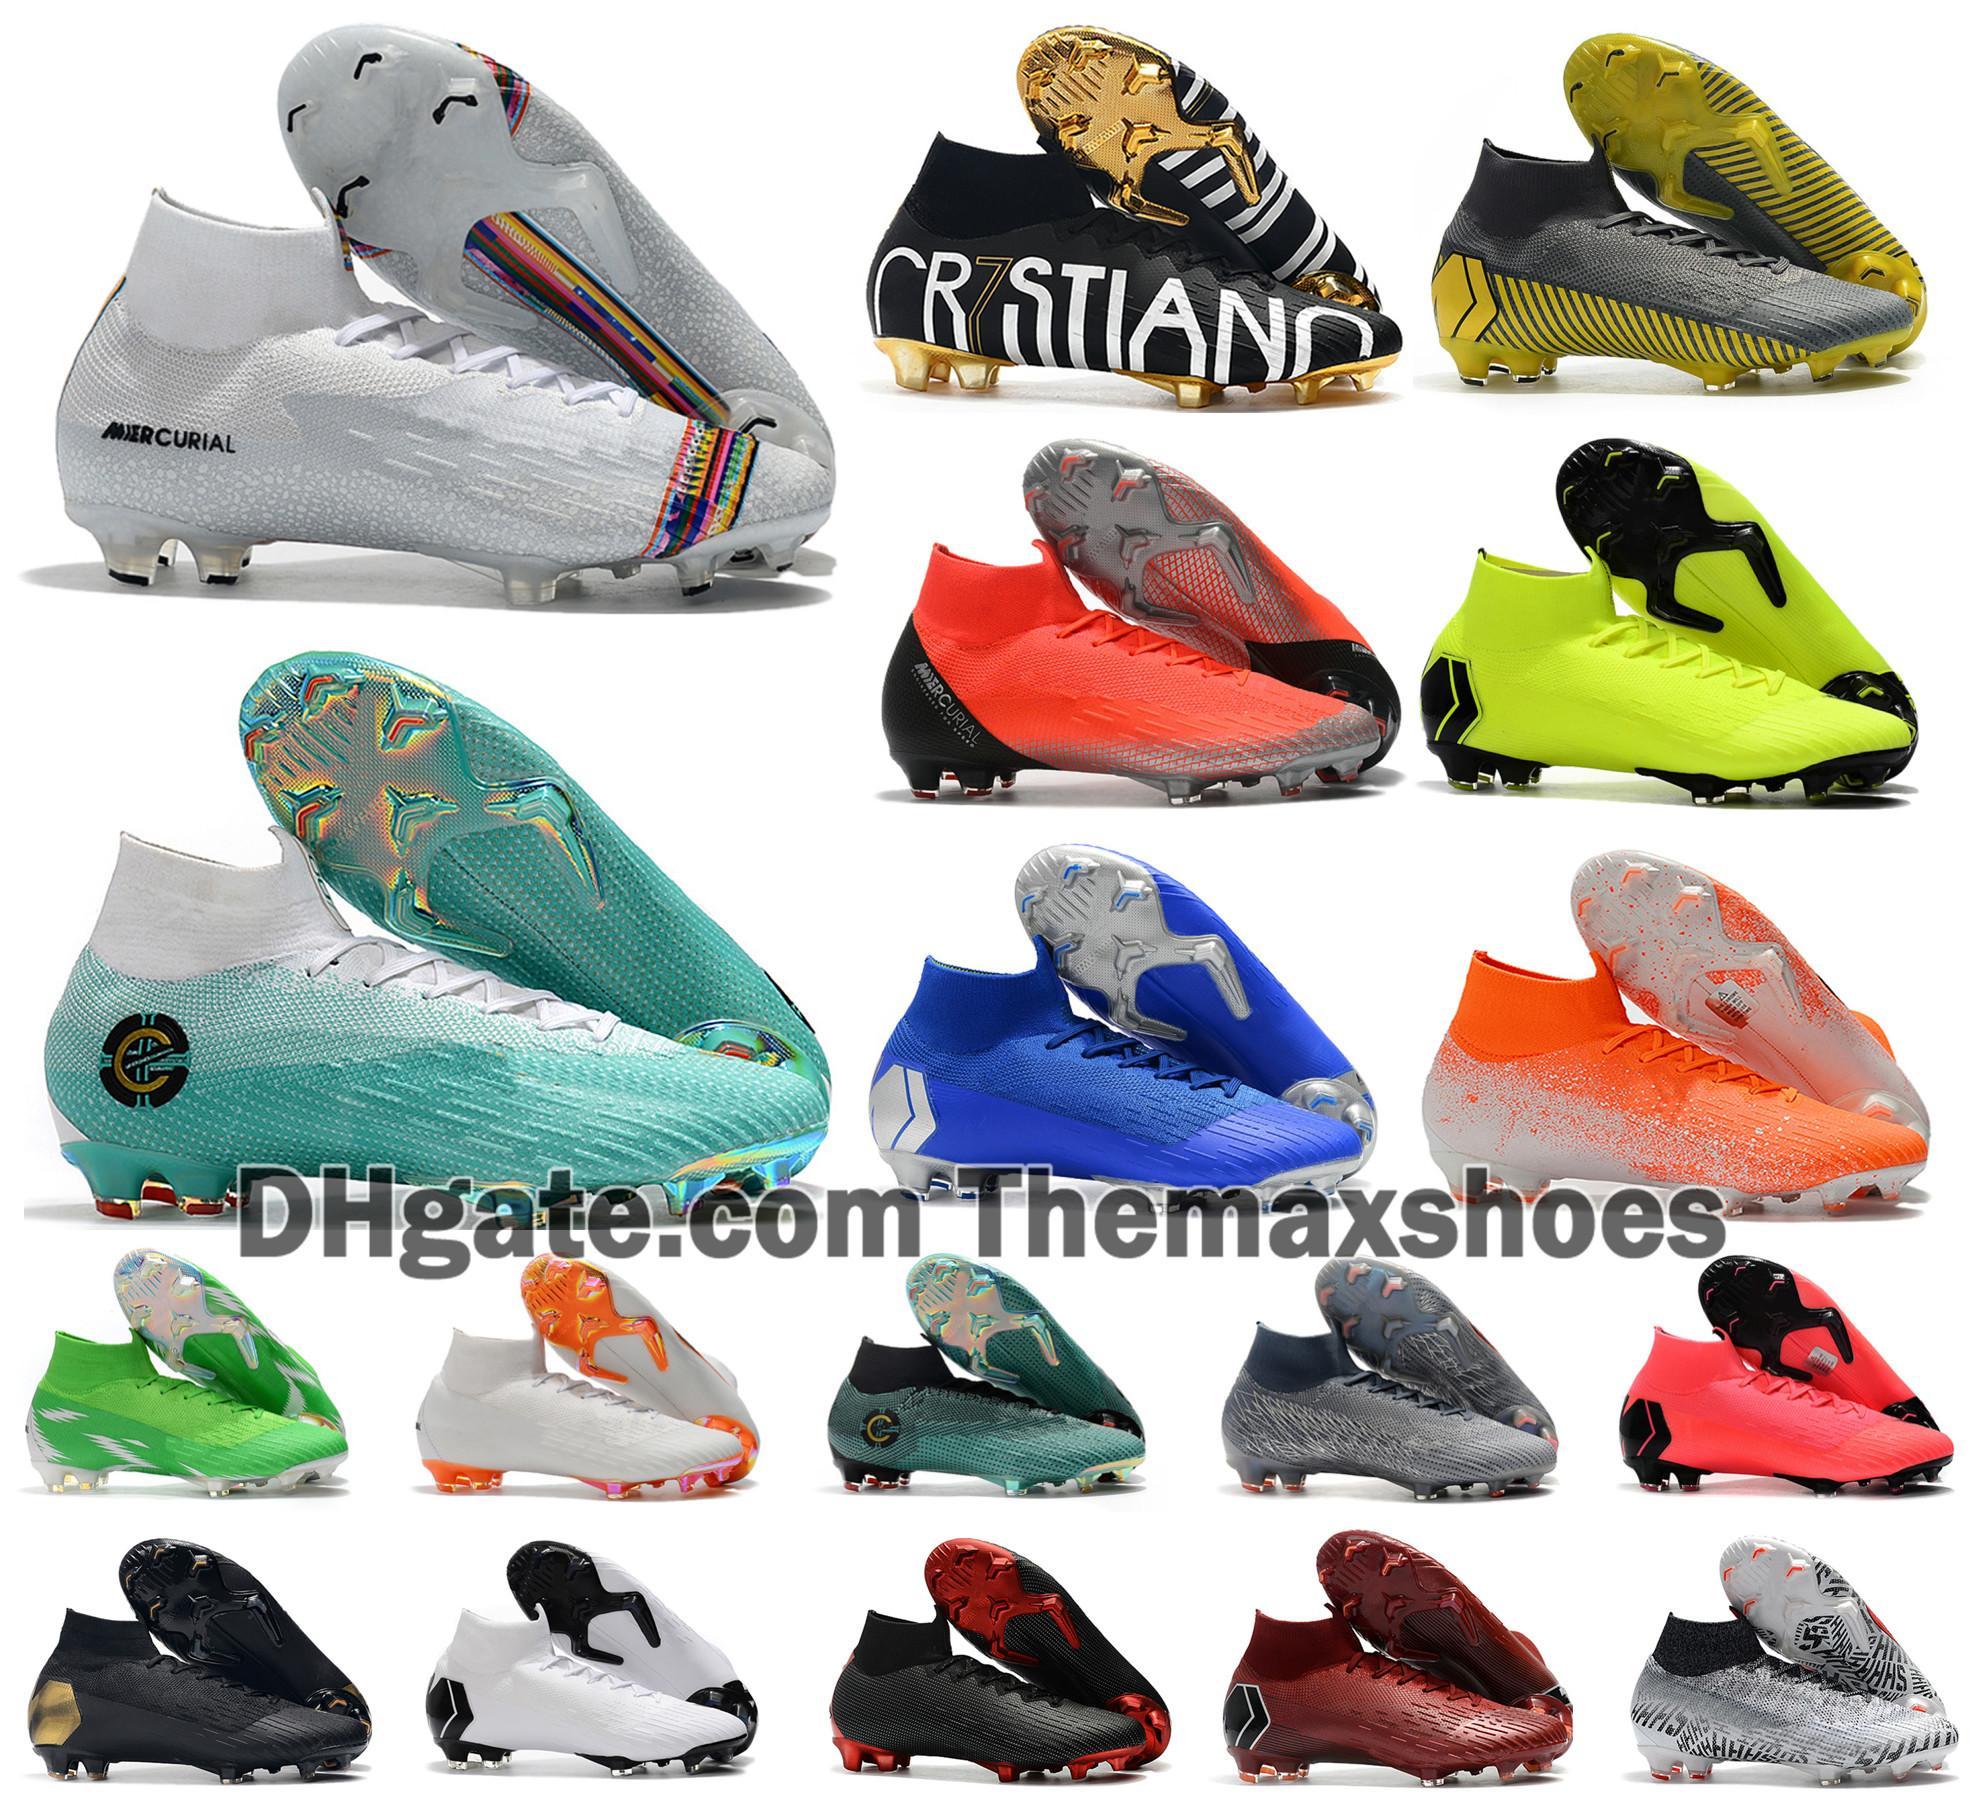 حار زئبقي ال superfly VI 360 النخبة FG السابع 6 7 CR7 رونالدو نيمار الرجال النساء بنين الأبخرة أحذية السامي لكرة القدم أحذية كرة القدم المرابط الولايات المتحدة 3-11